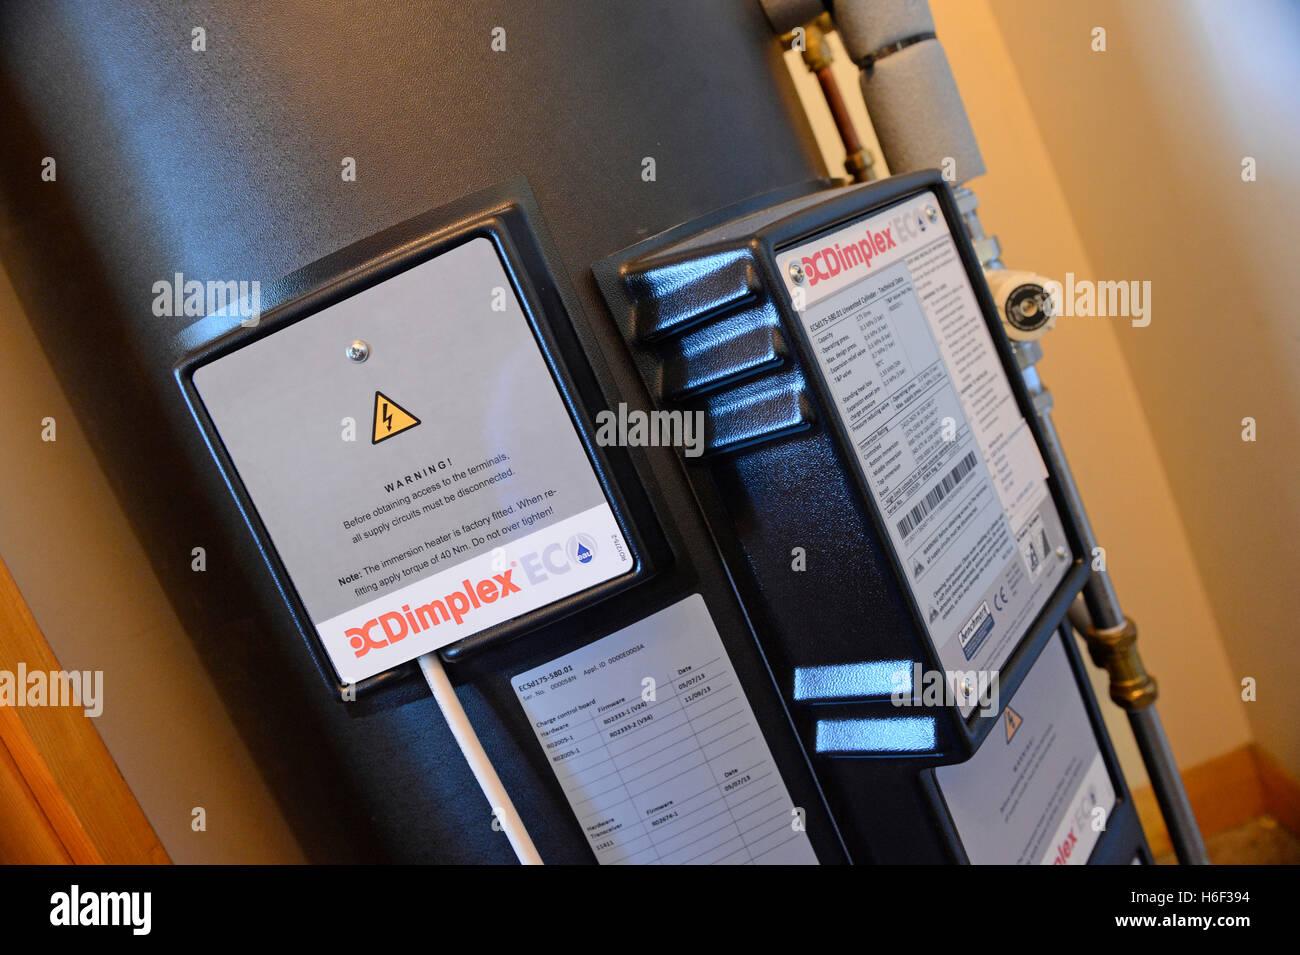 Notte Dimplex scaldacqua ad accumulo di acqua calda e backup in abitazioni private del sistema per il risparmio Immagini Stock